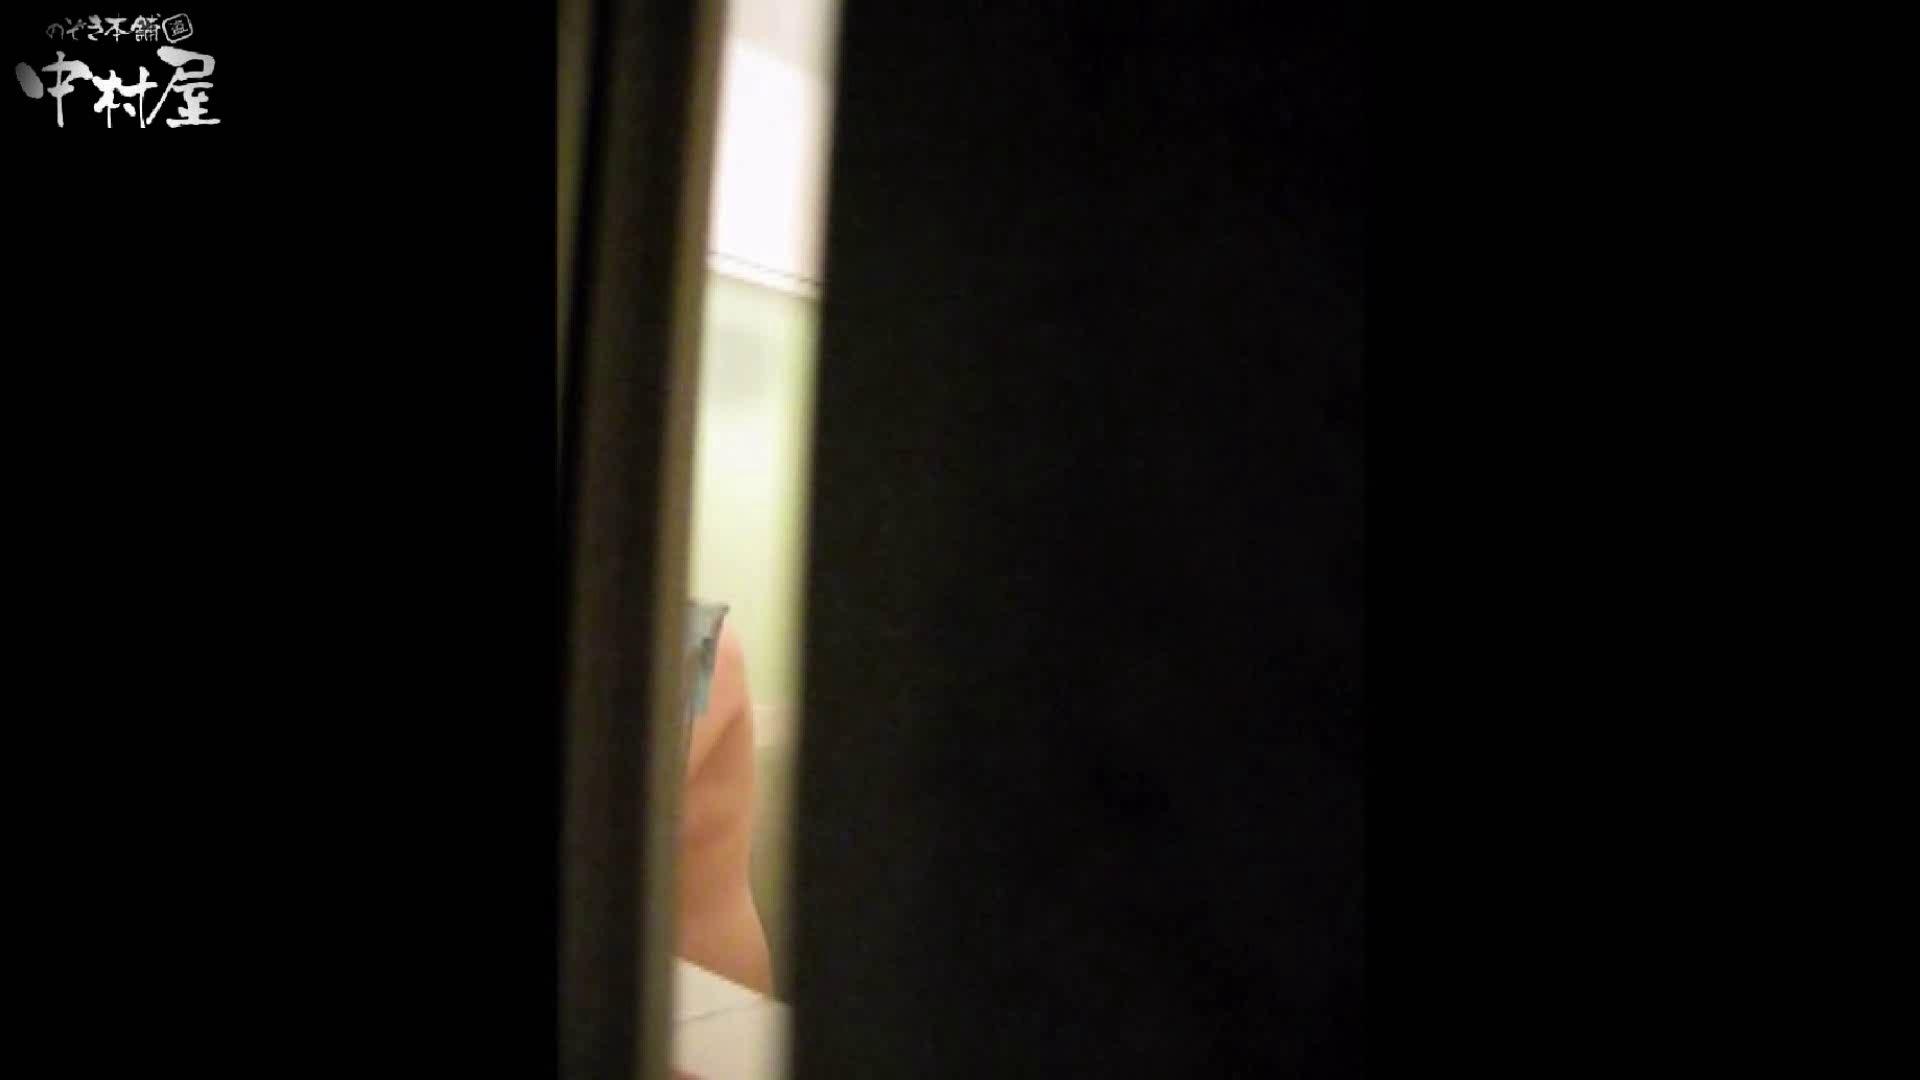 民家風呂専門盗撮師の超危険映像 vol.015 盗撮 ワレメ動画紹介 107連発 99